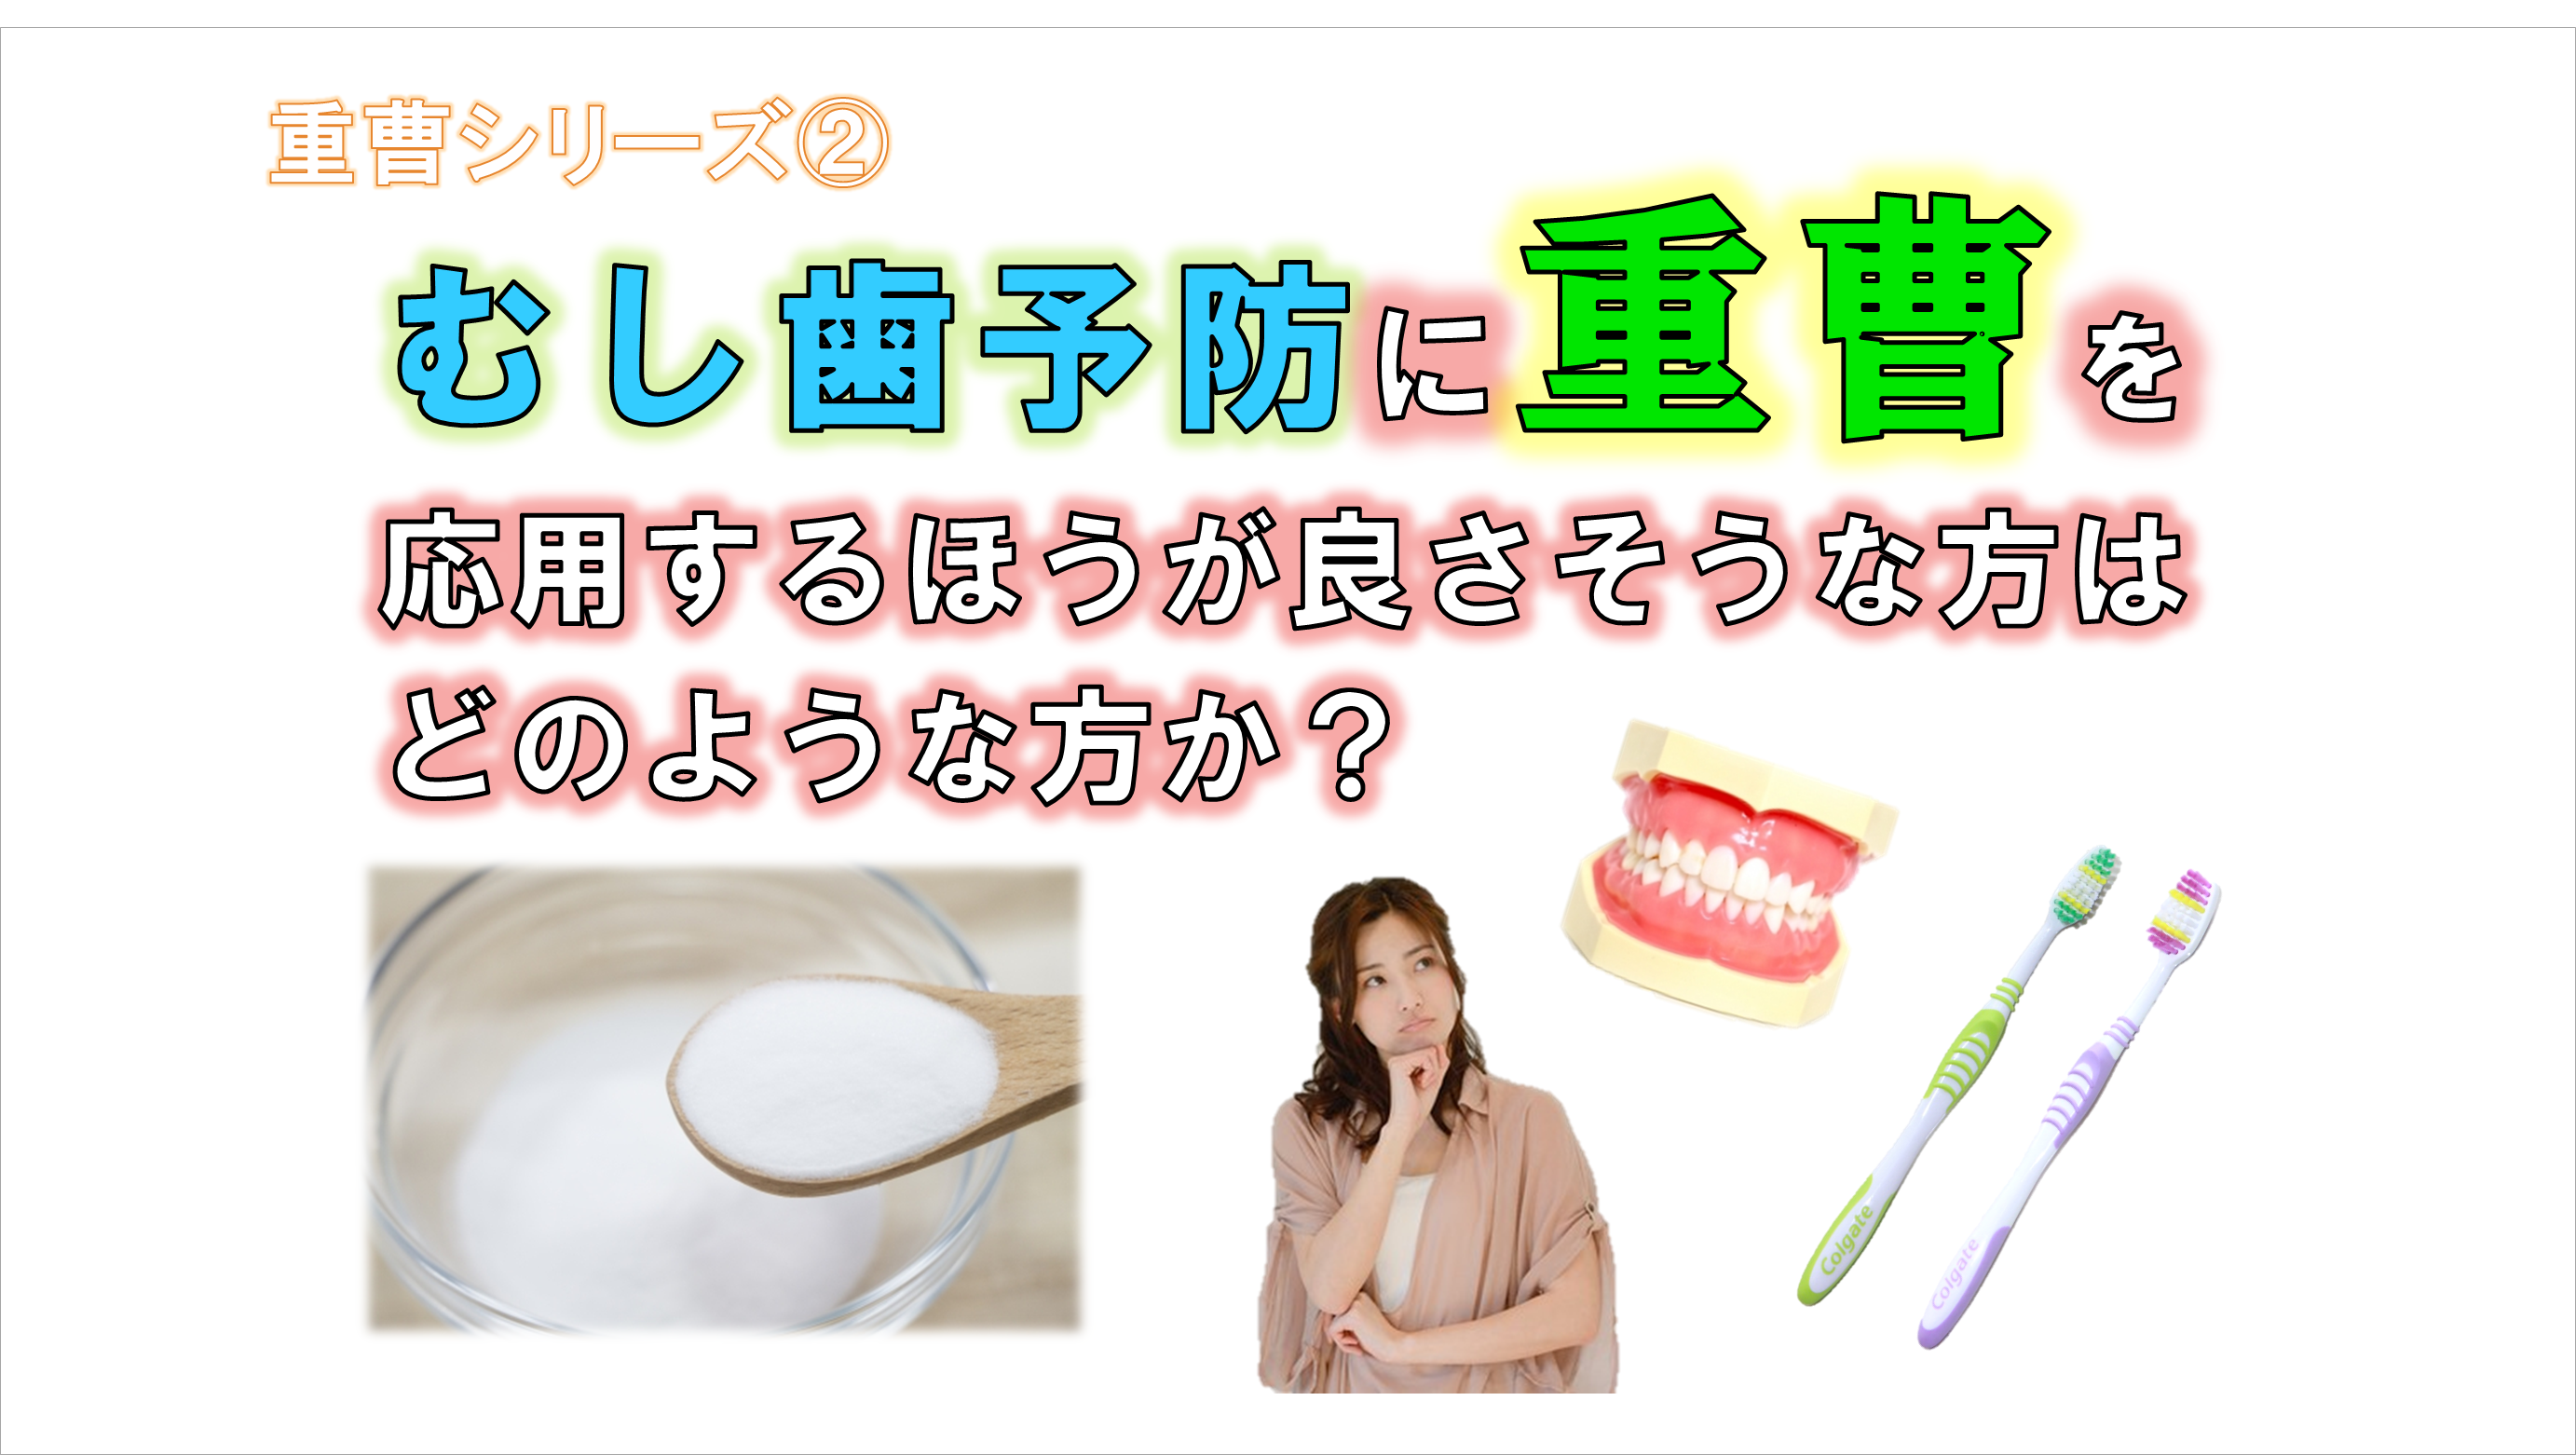 歯磨き 重曹 虫歯 予防 群馬 前橋